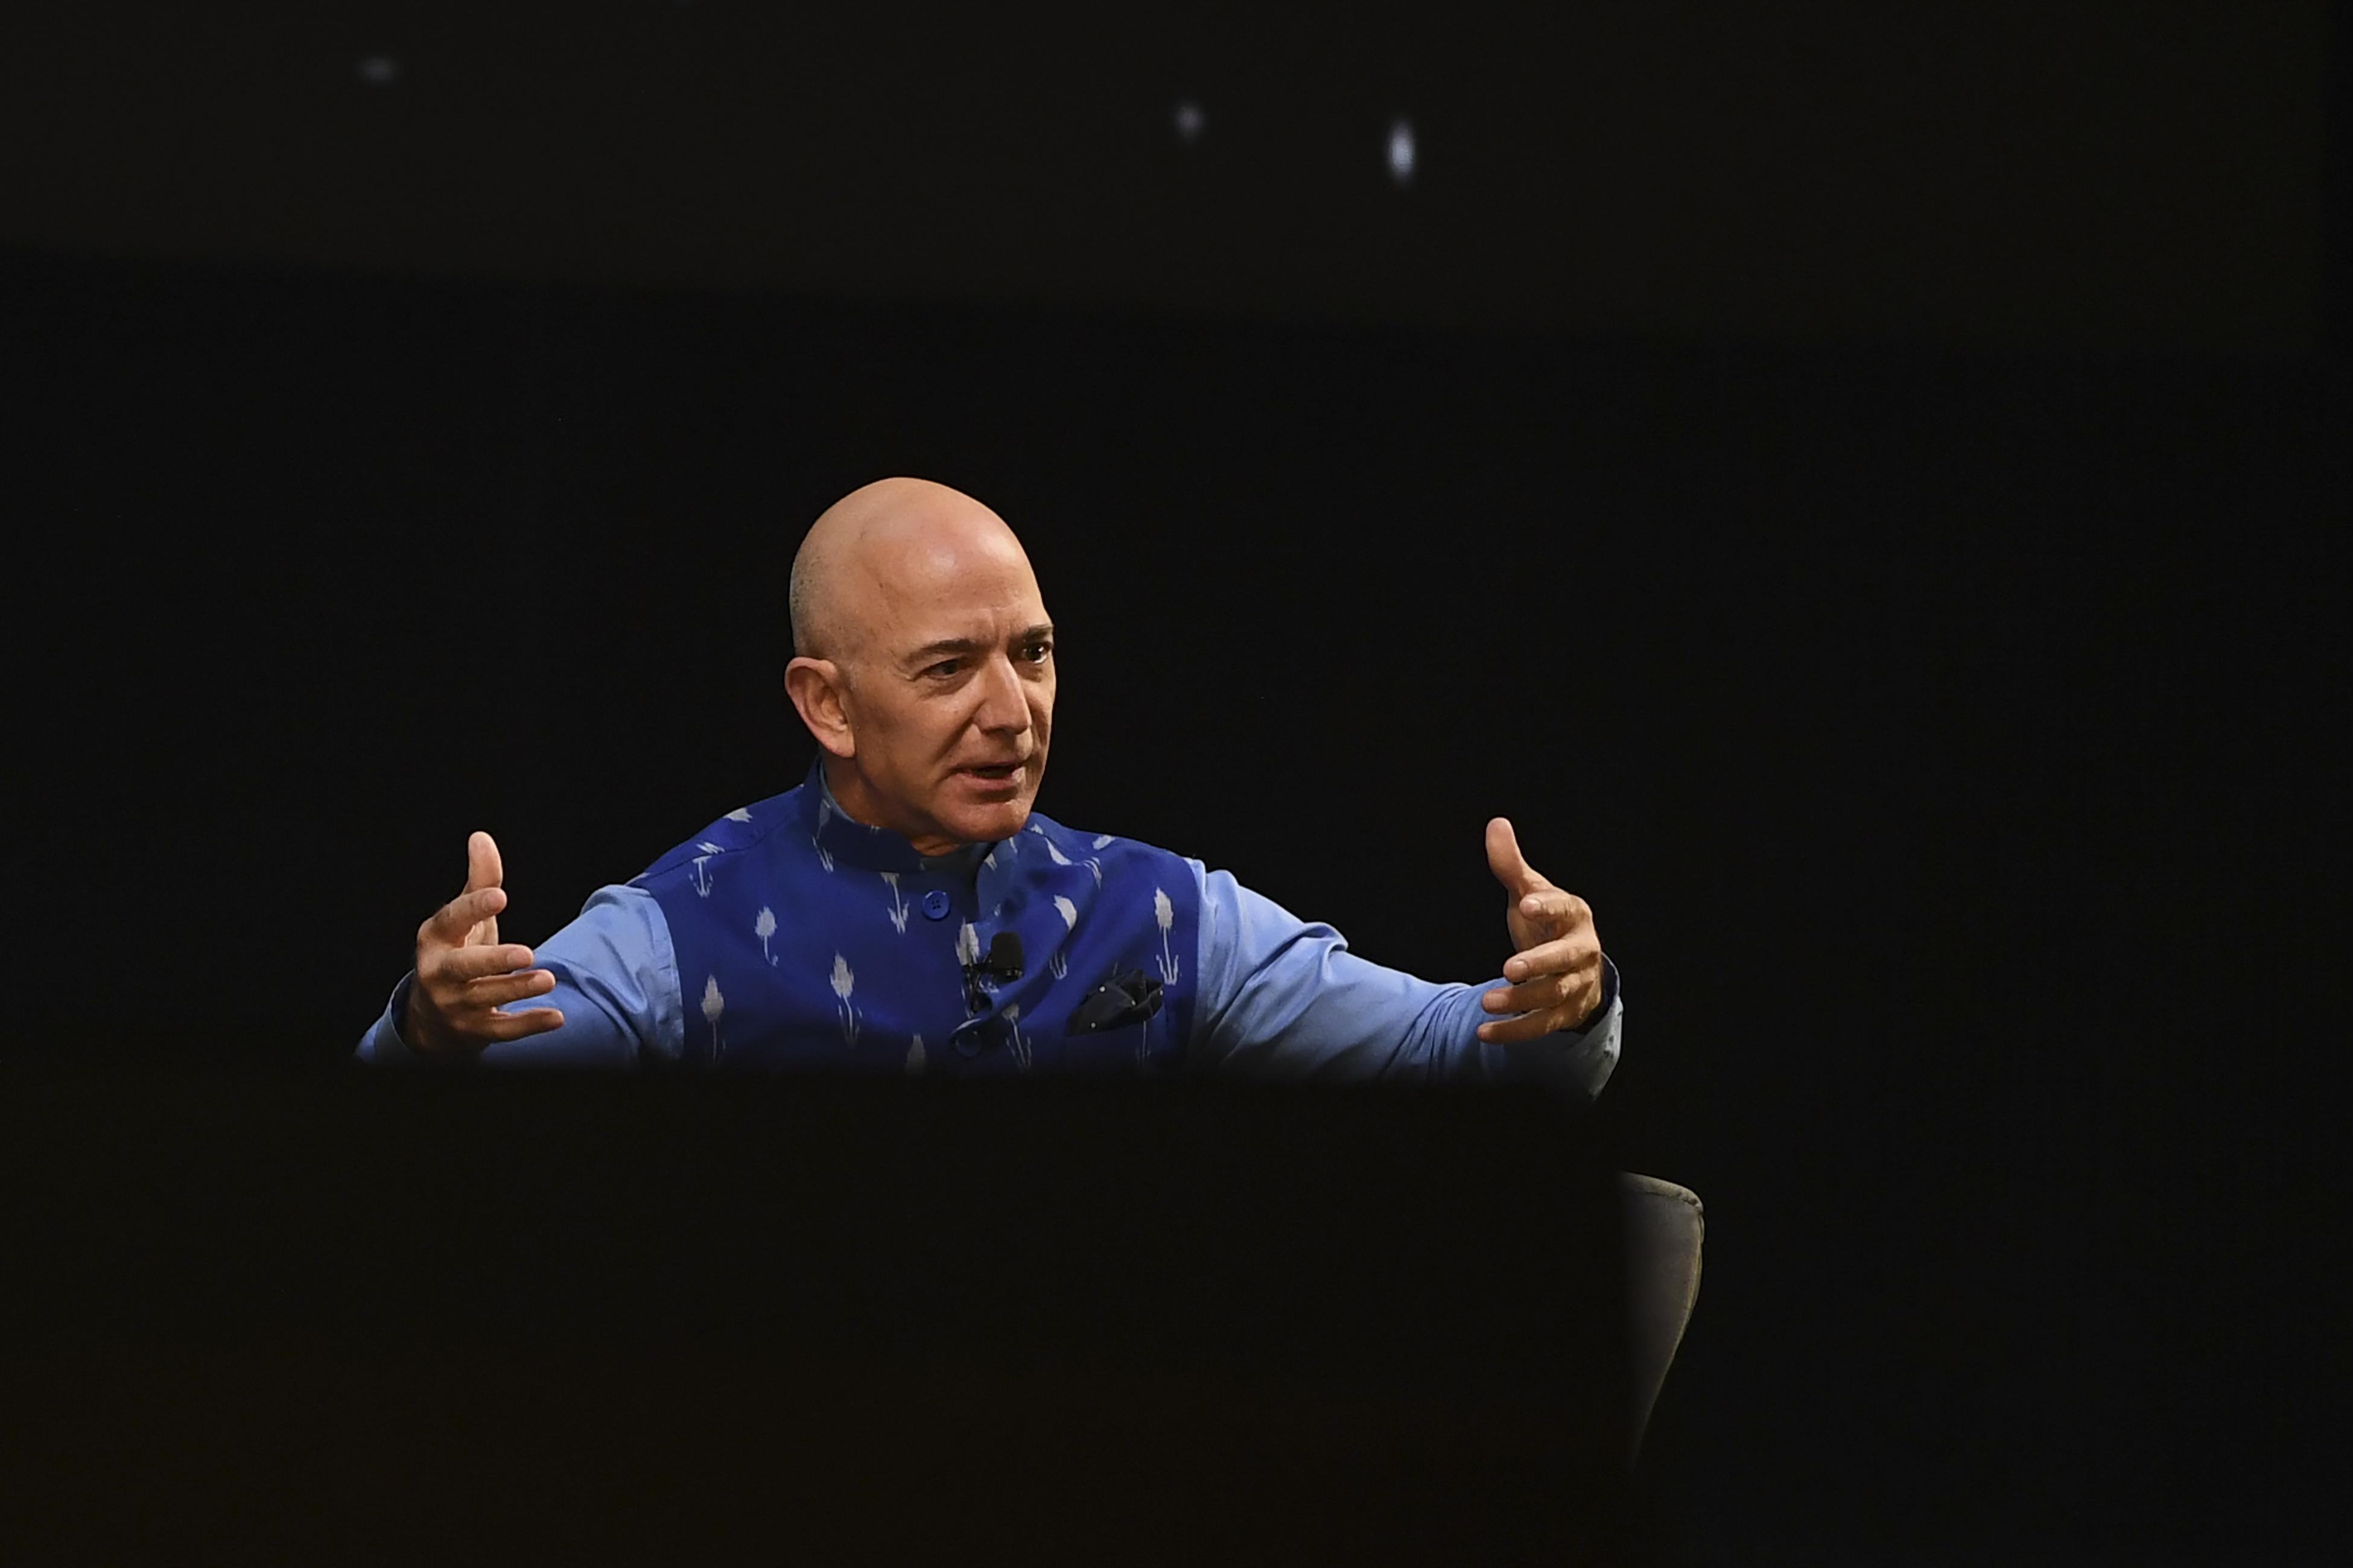 Jeff Bezos júliusban kiruccan az űrbe